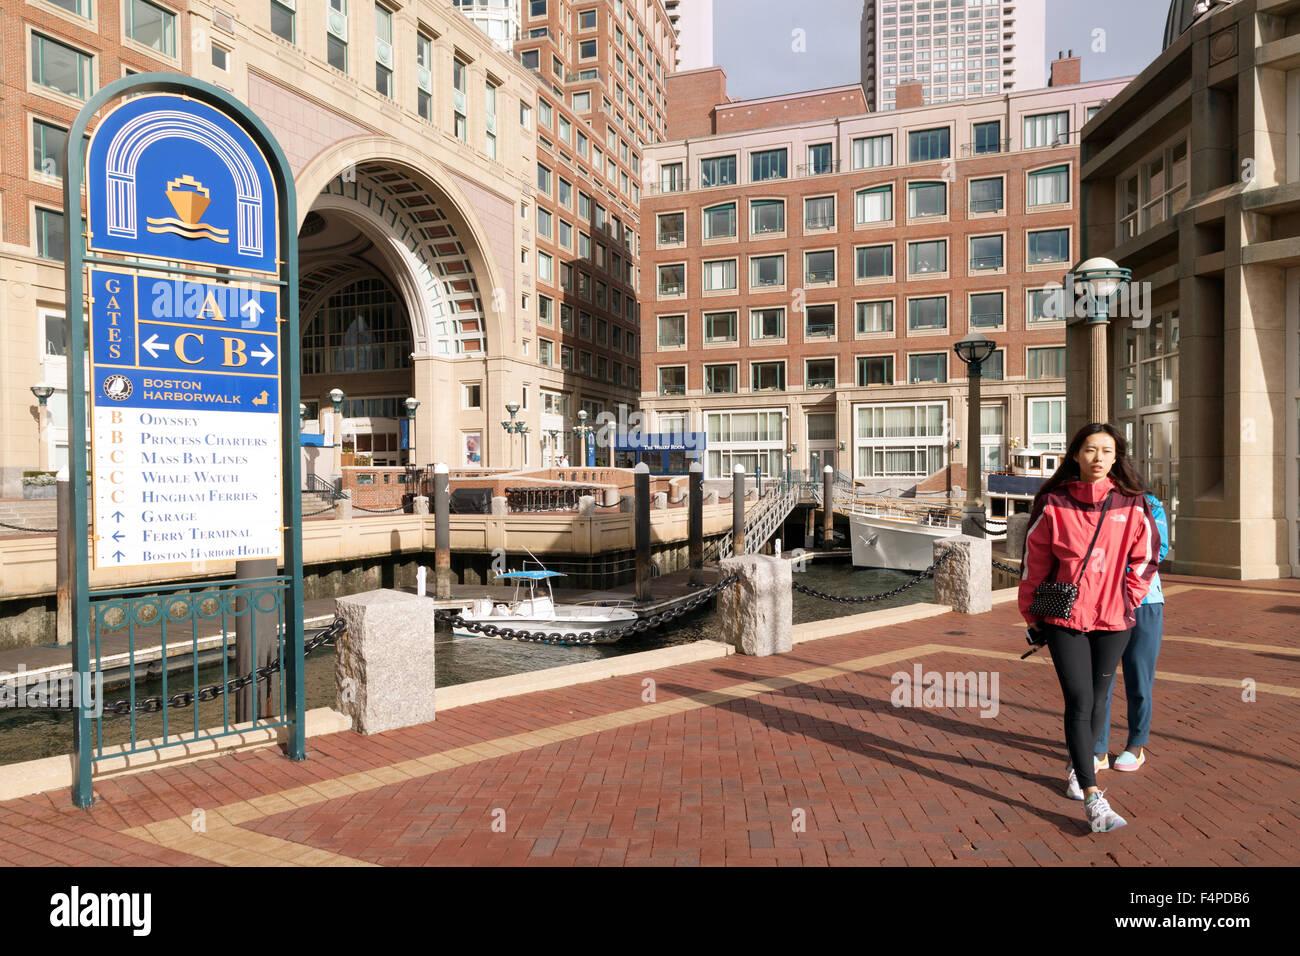 La gente haciendo el Boston Harborwalk, en Rowes Wharf, Boston, Massachusetts, EE.UU. Imagen De Stock